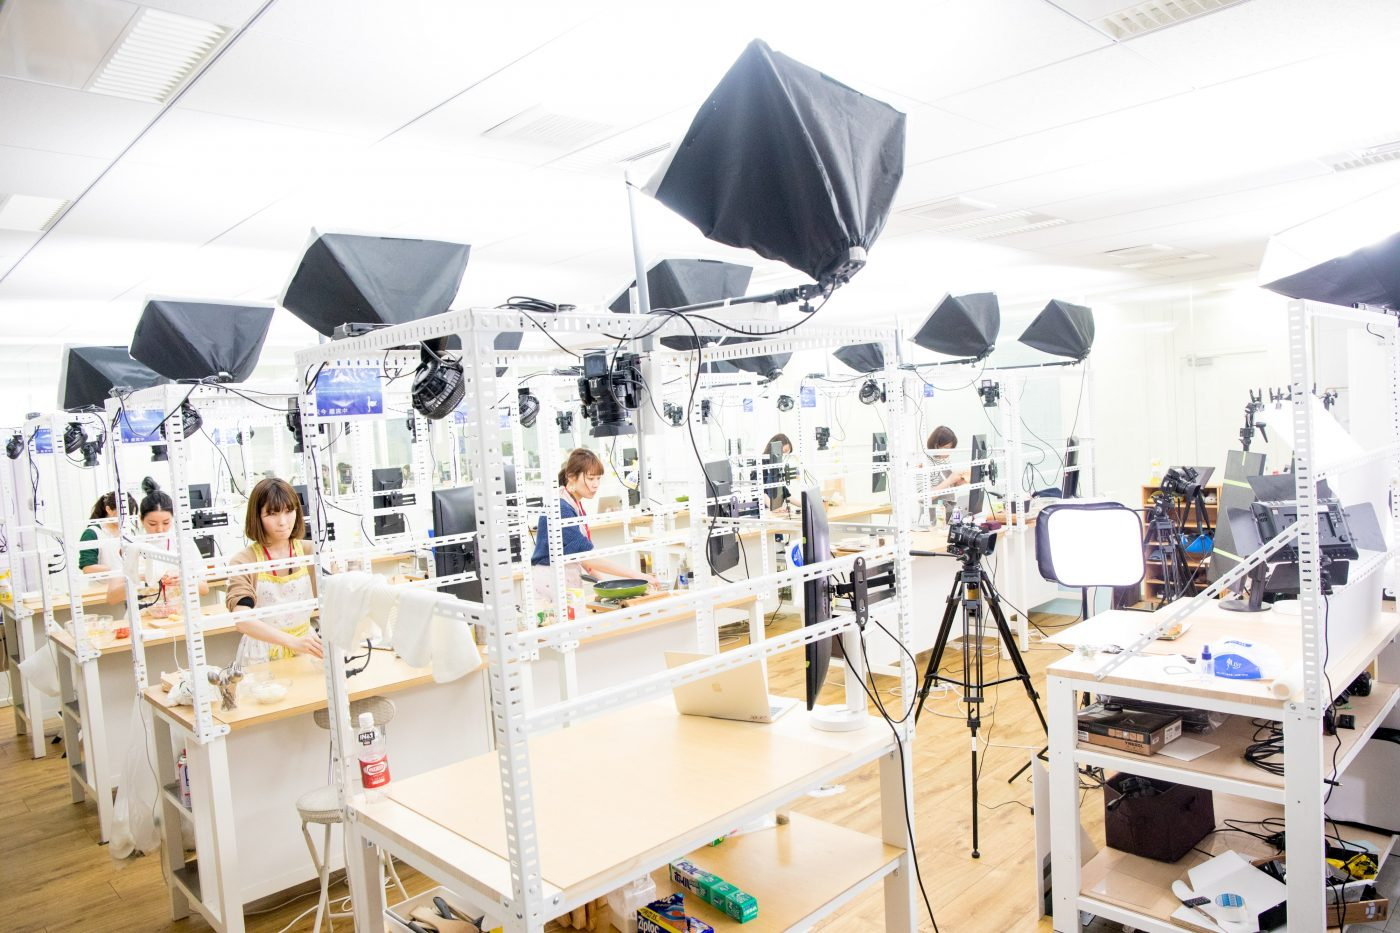 キャプション:『DELISH KITCHEN』の動画を作成する自社内スタジオ